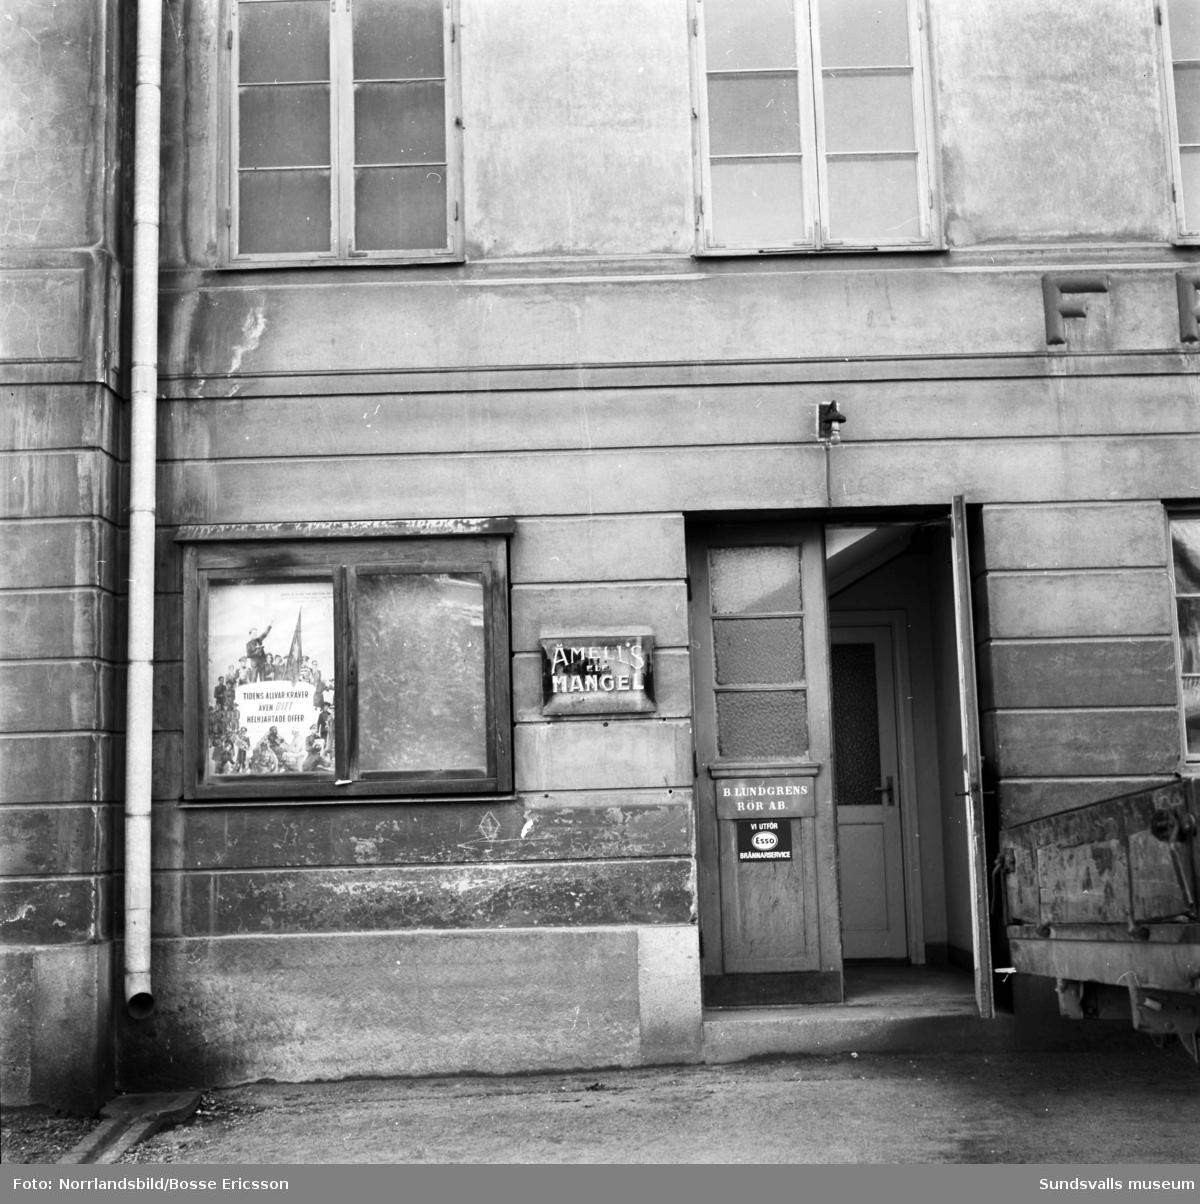 Fasadbilder av Frälsningsarméns hus vid Södra Järnvägsgatan 25. Andra bilden visar ingången till Åmells mangel och Lundgrens rör. (Huset kallas 2019 för Englaporten.)